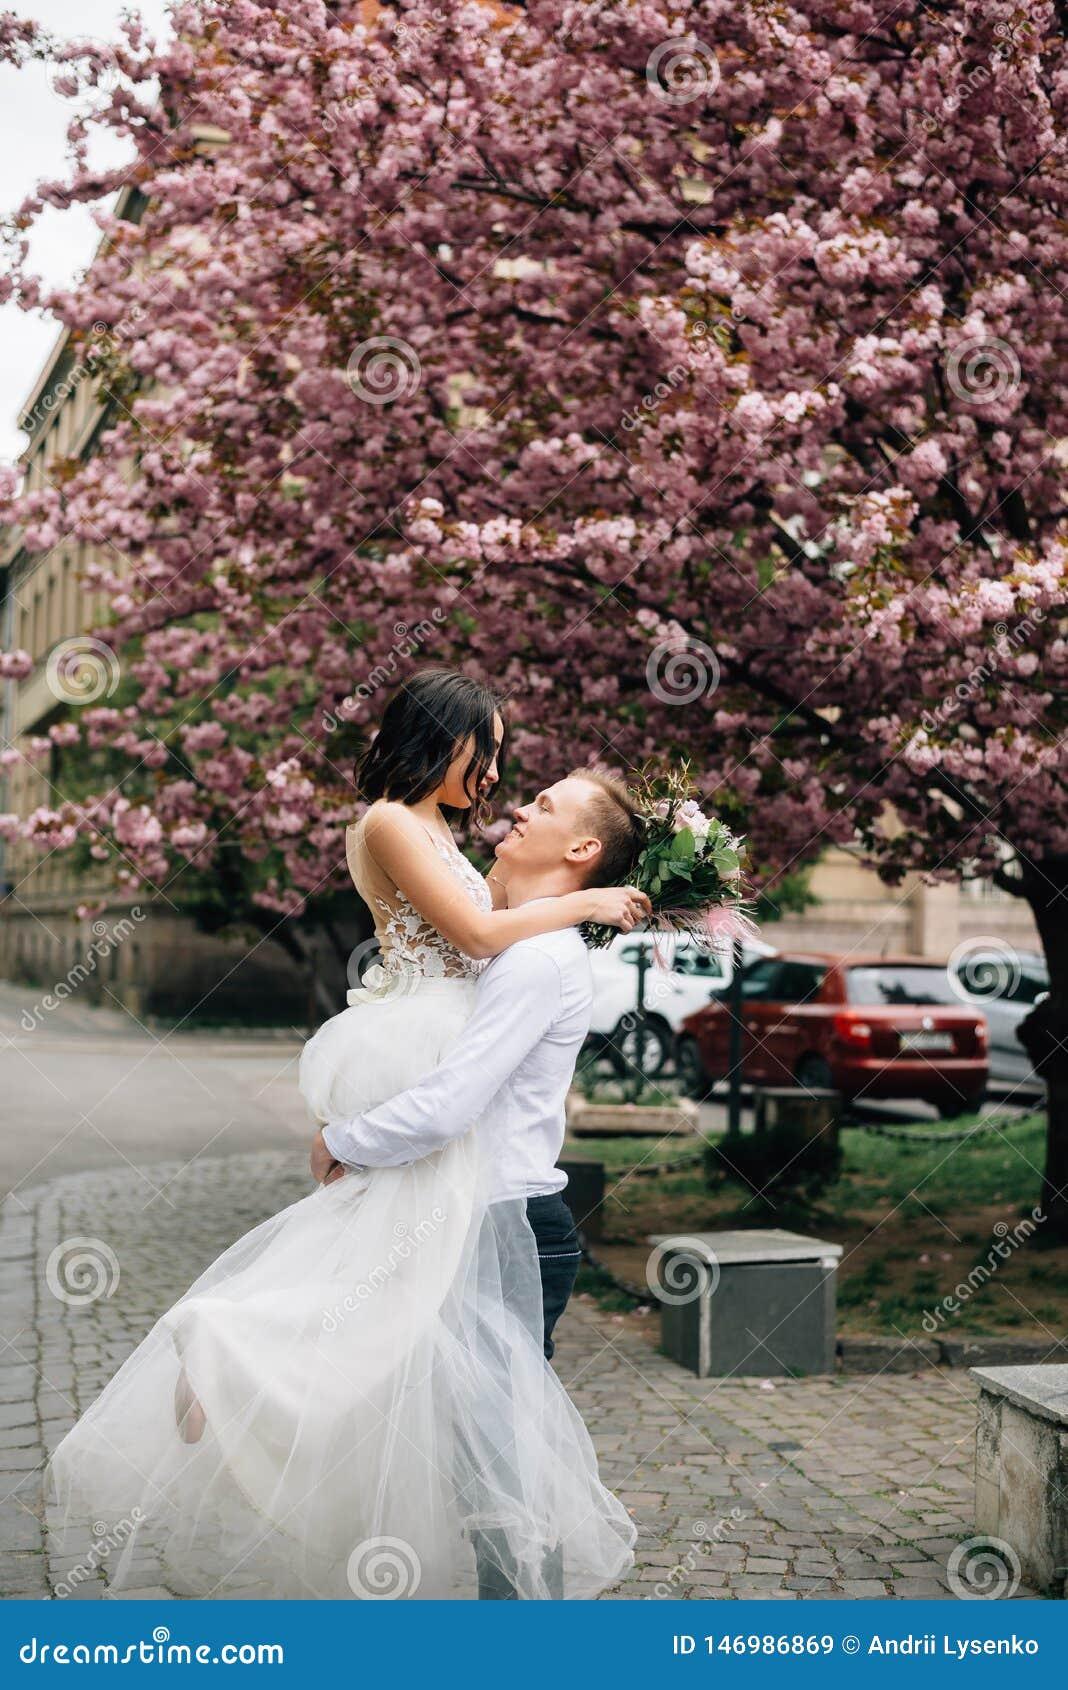 Joie et bonheur sur les visages des jeunes mariés leur jour du mariage